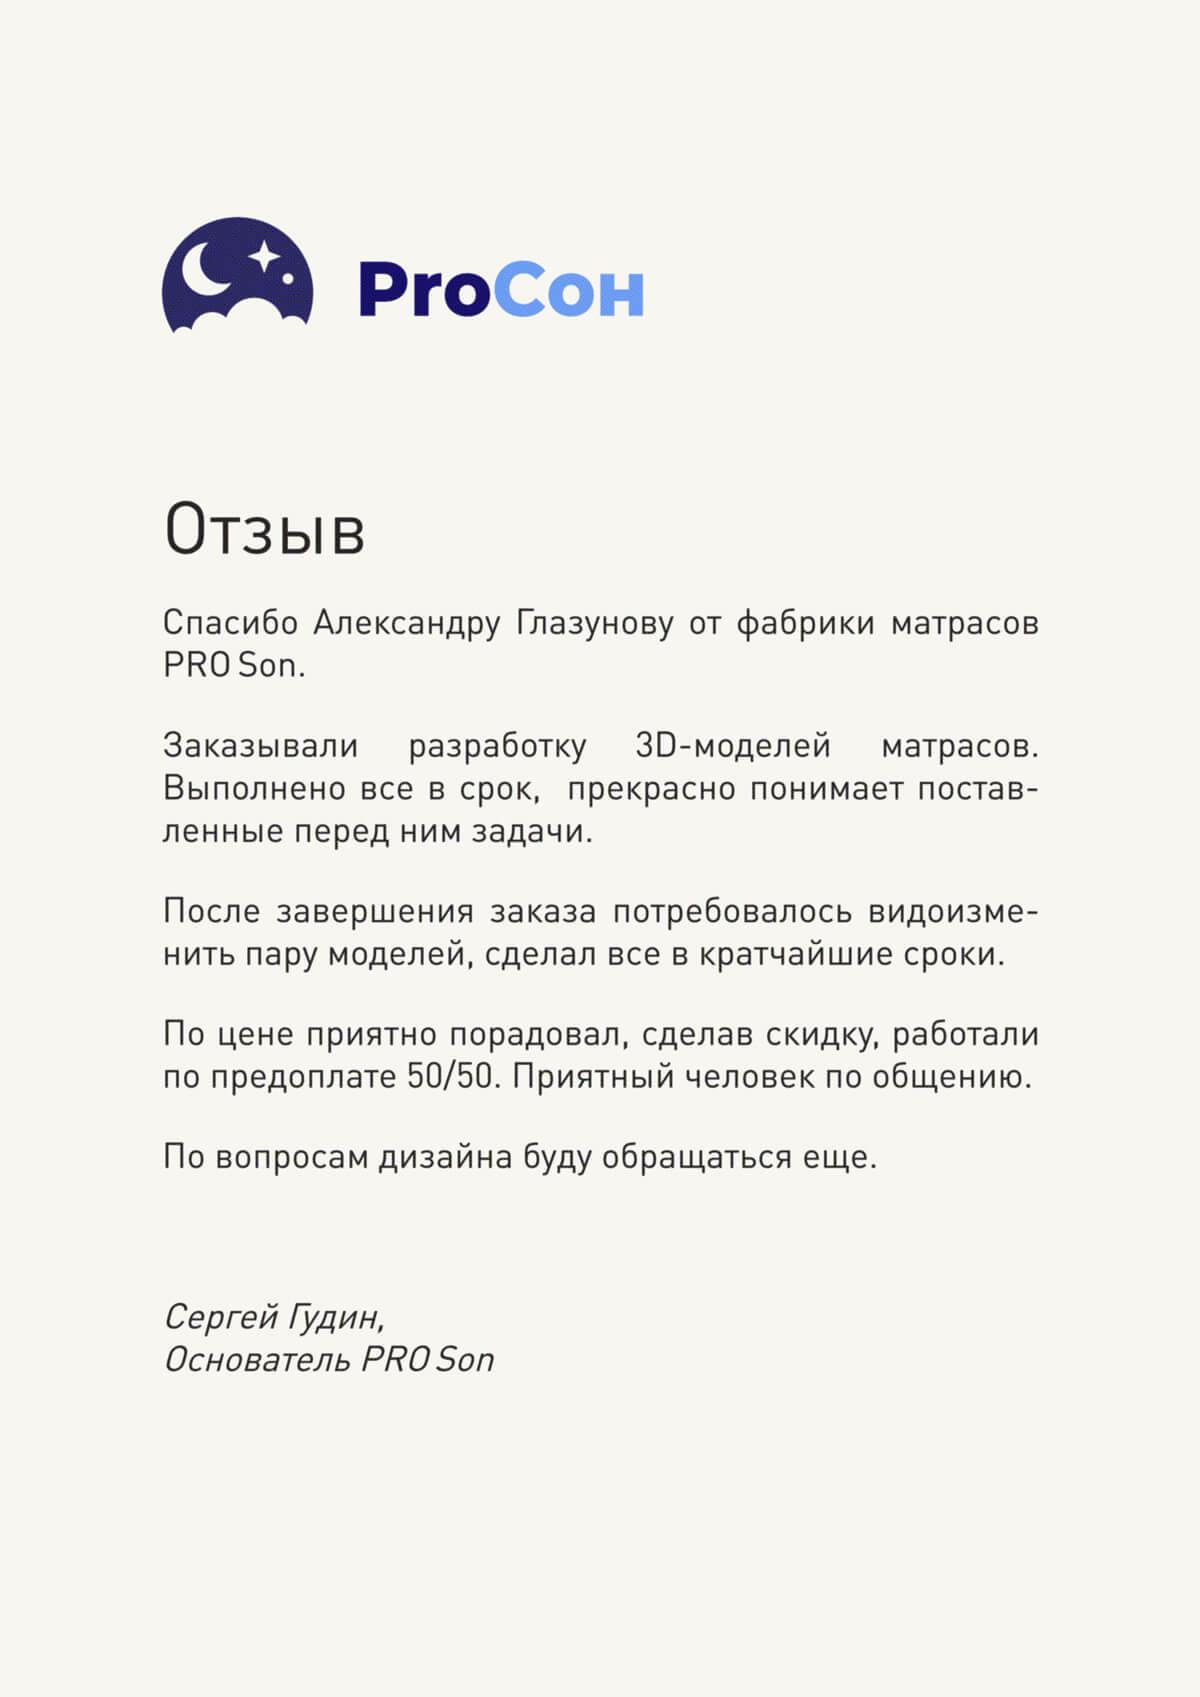 Отзыв от основателя фабрики ProСон